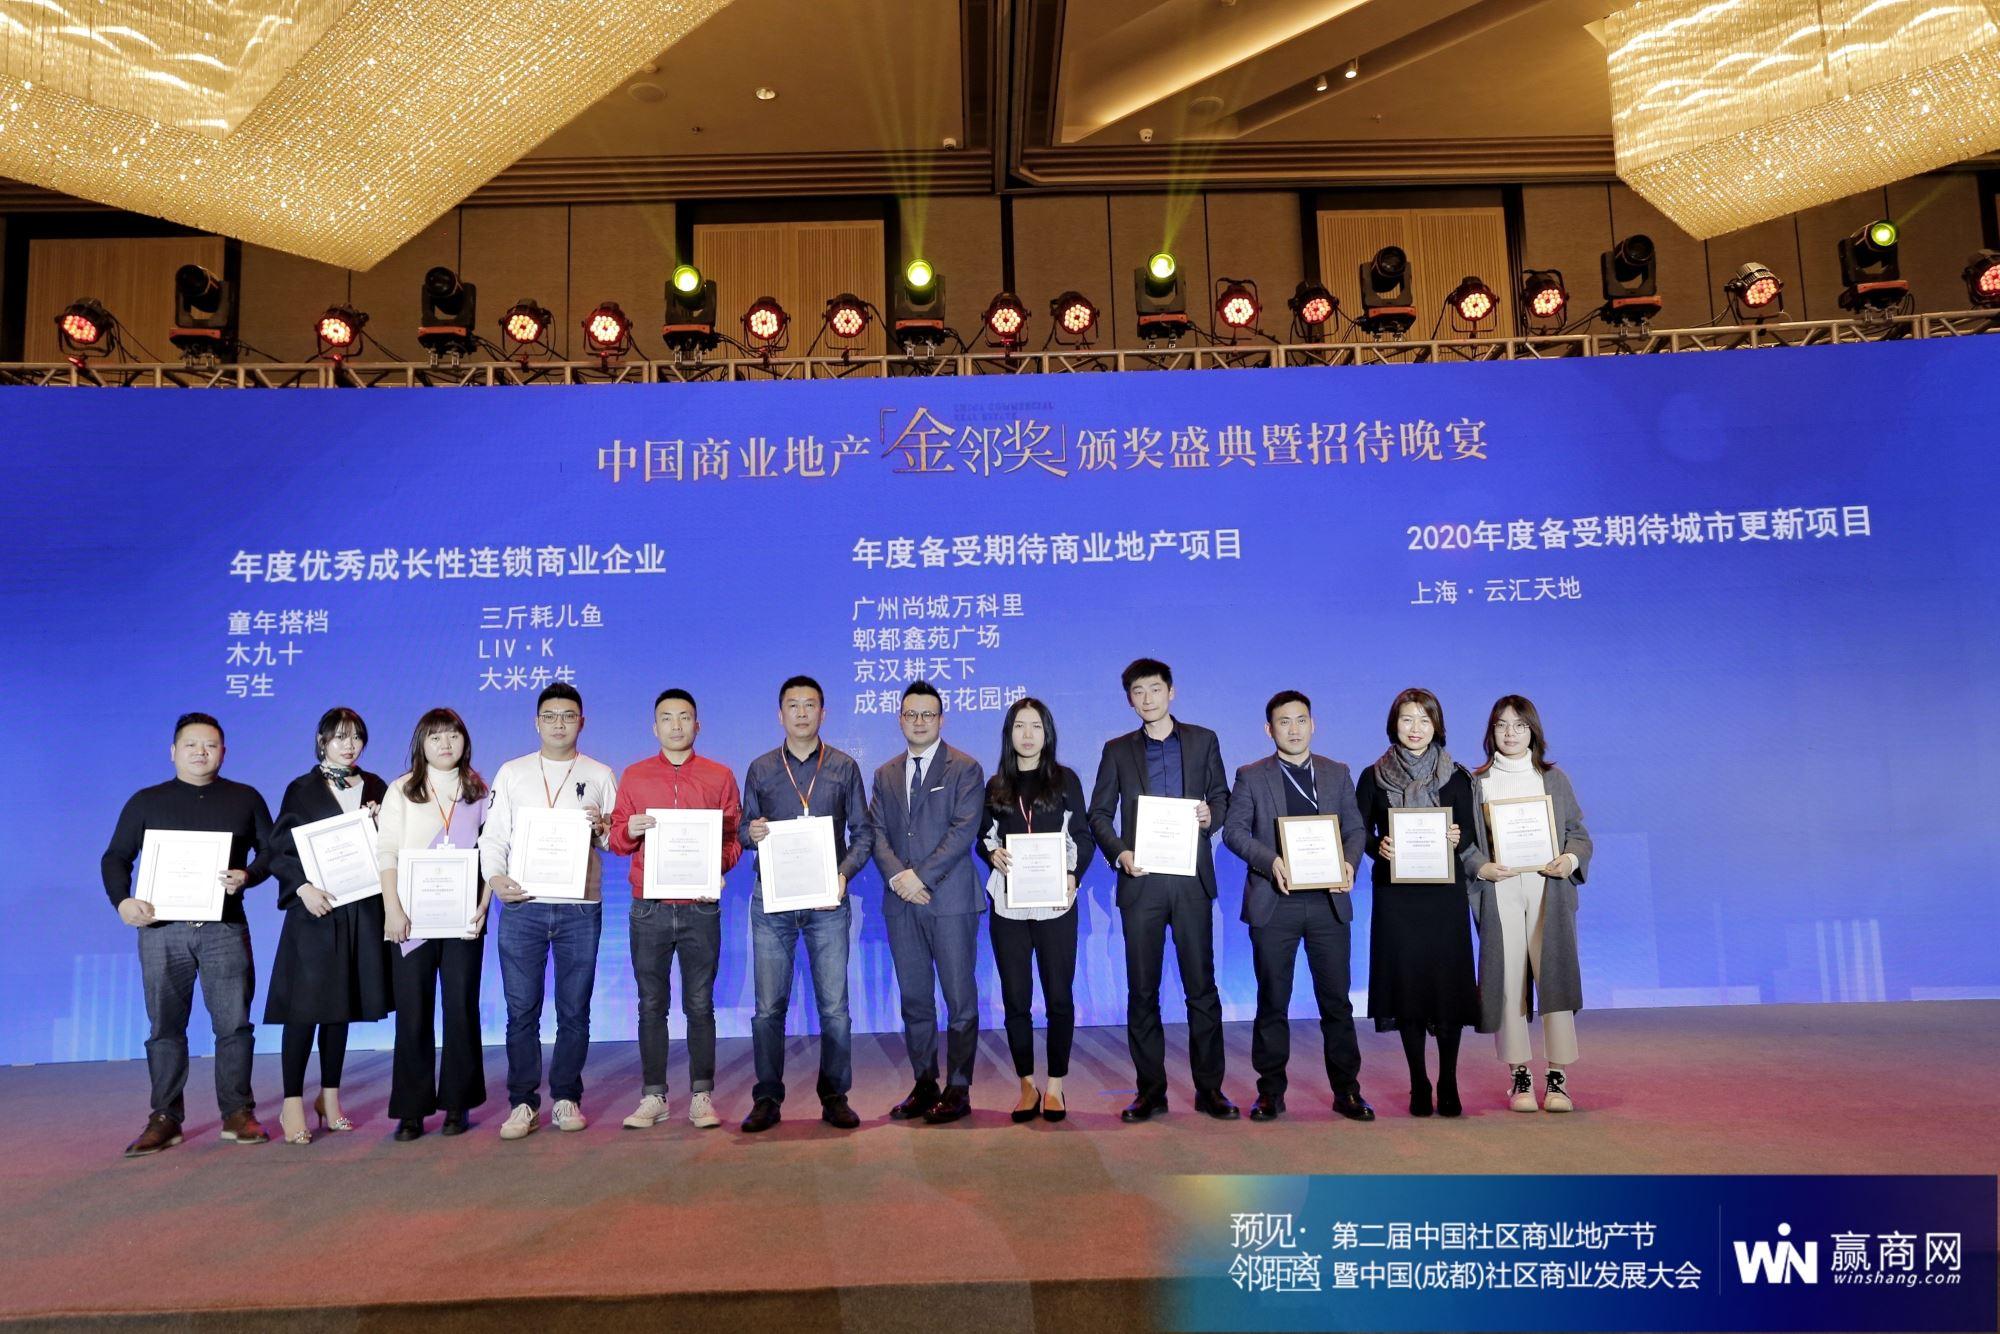 广州尚城万科里2020年9月开业 打造3.0版万科里